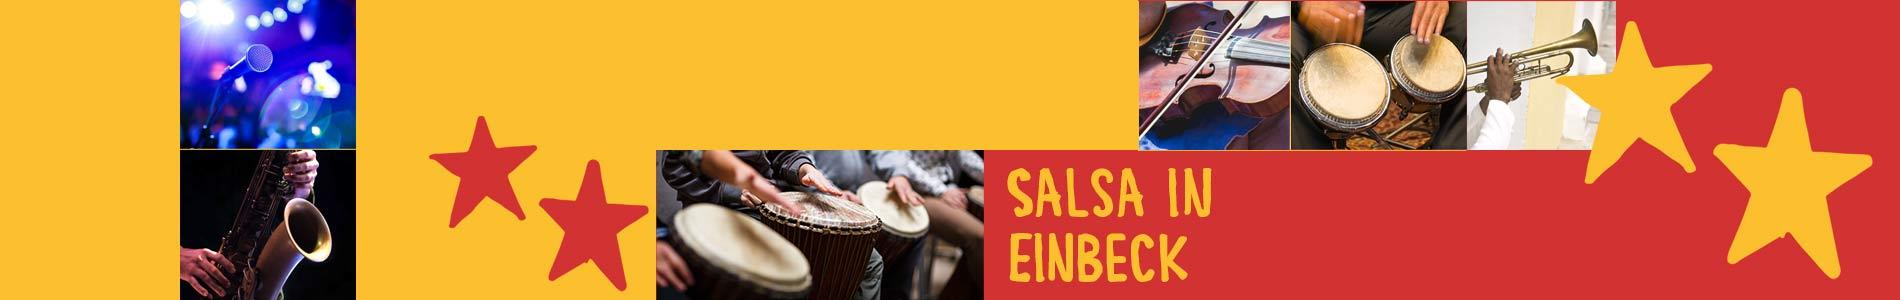 Salsa in Einbeck – Salsa lernen und tanzen, Tanzkurse, Partys, Veranstaltungen